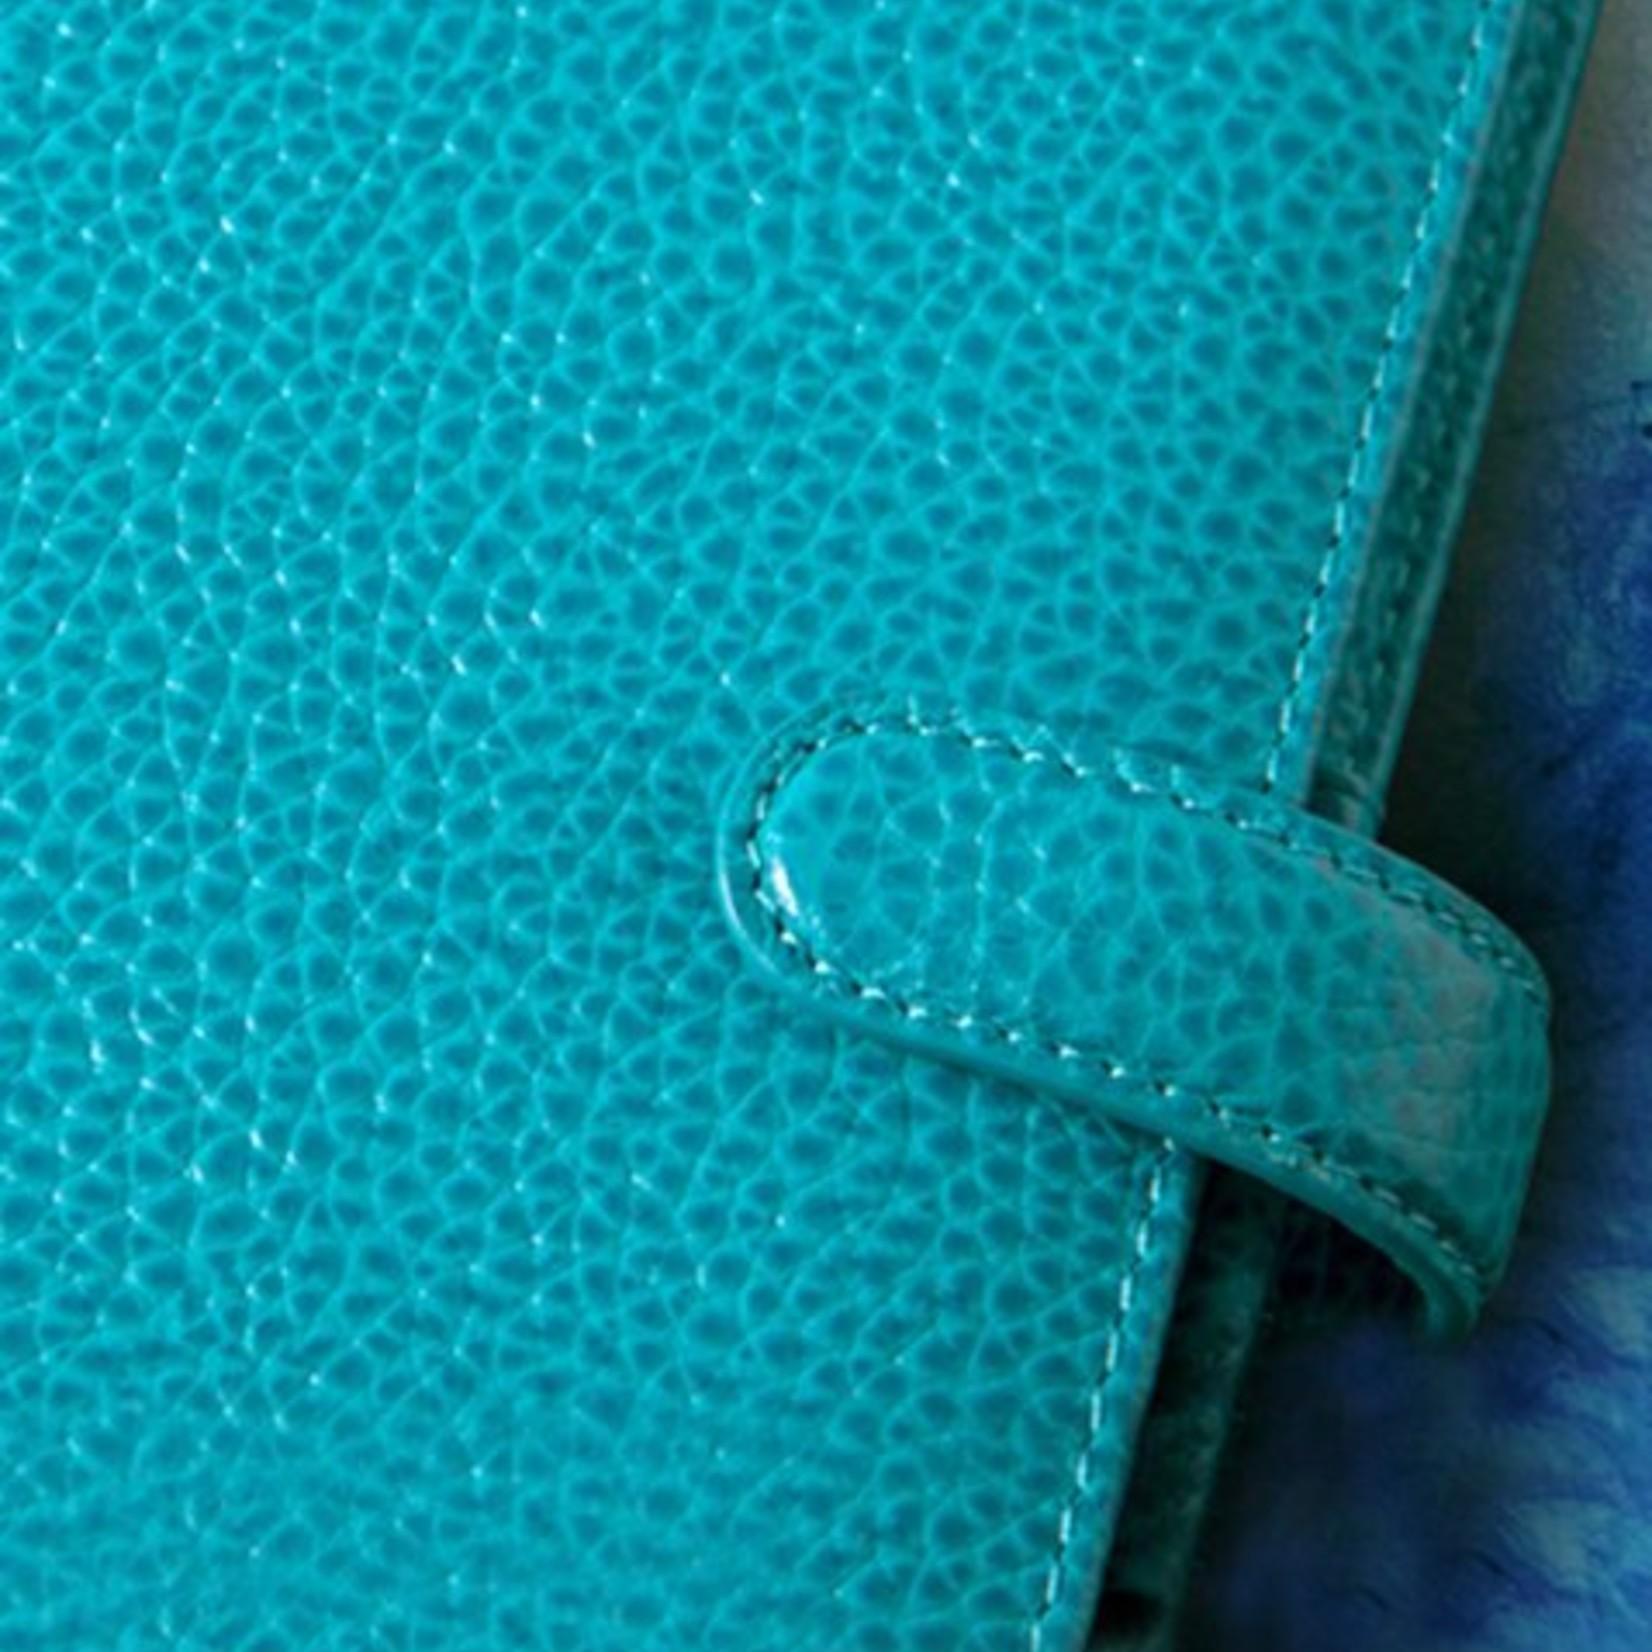 Filofax POCKET FINSBURY Aqua